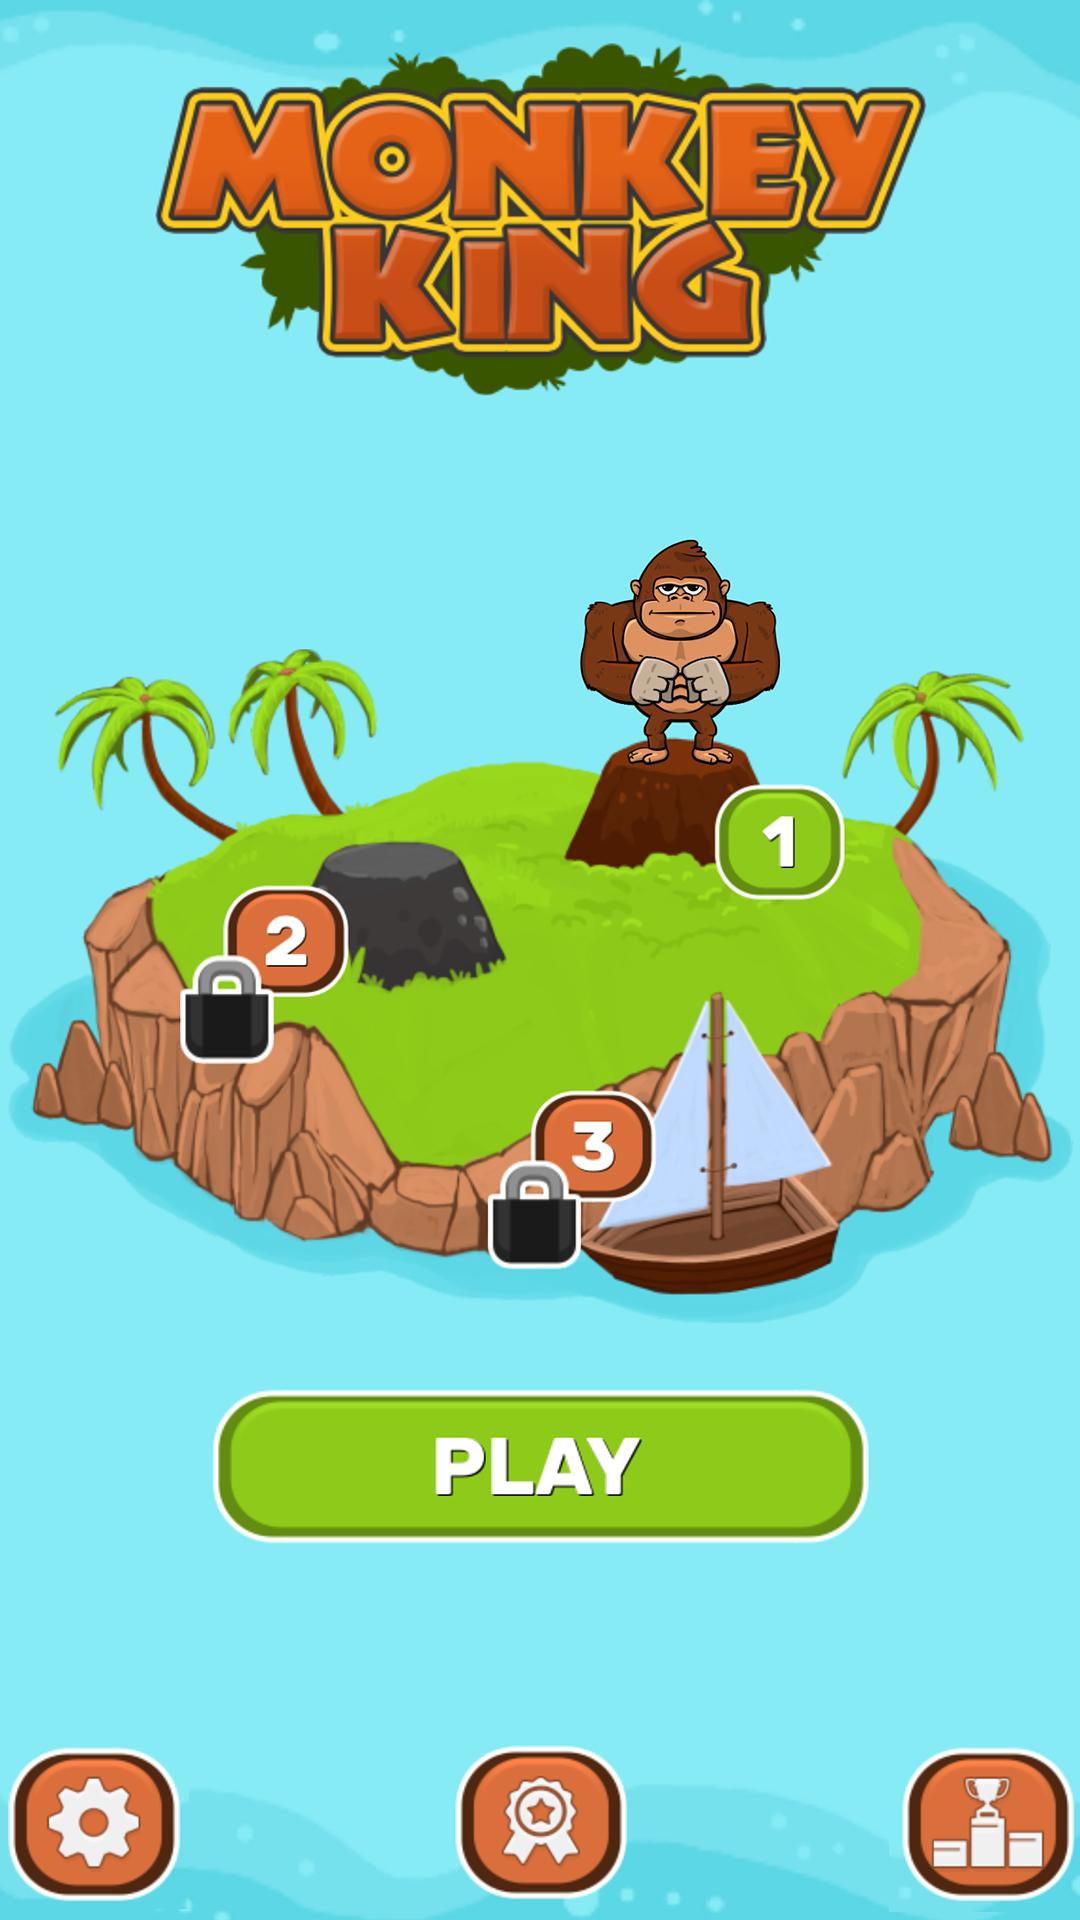 Monkey King kostenlos spielen | Online-Slot.de